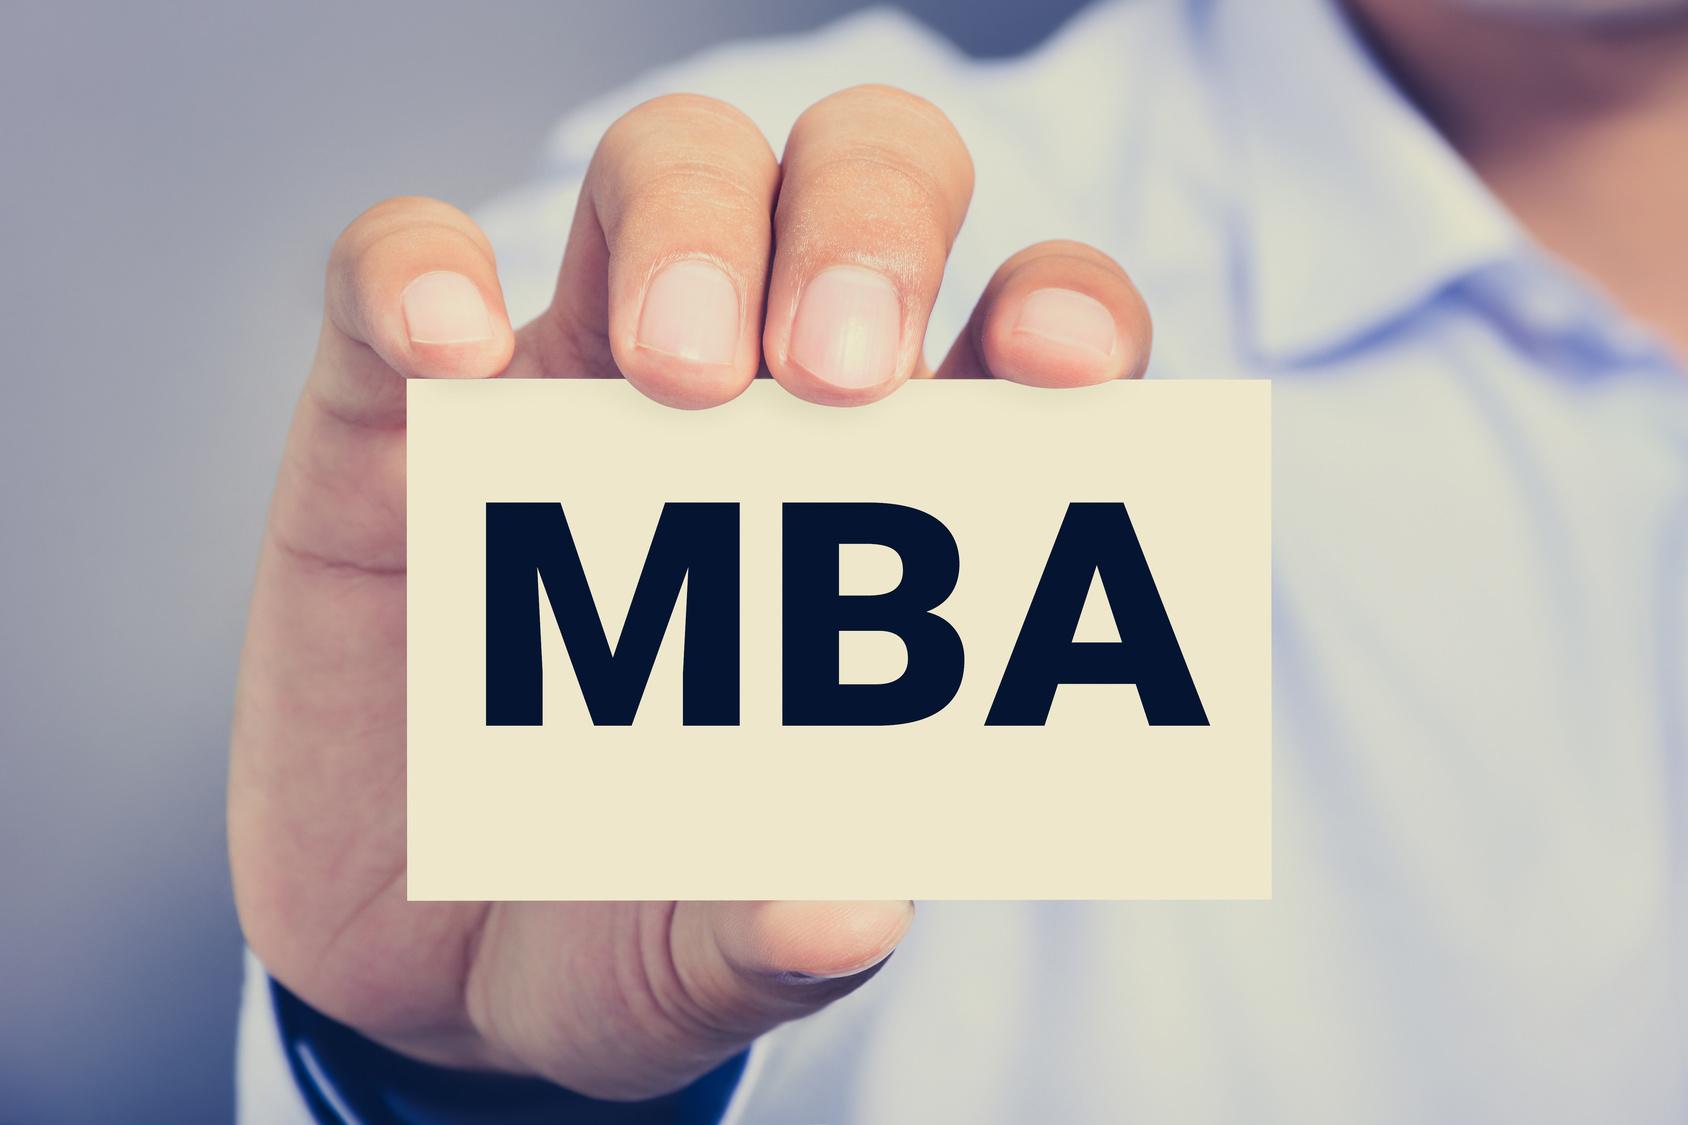 Vyplatí se v dnešní době MBA studium? My to víme